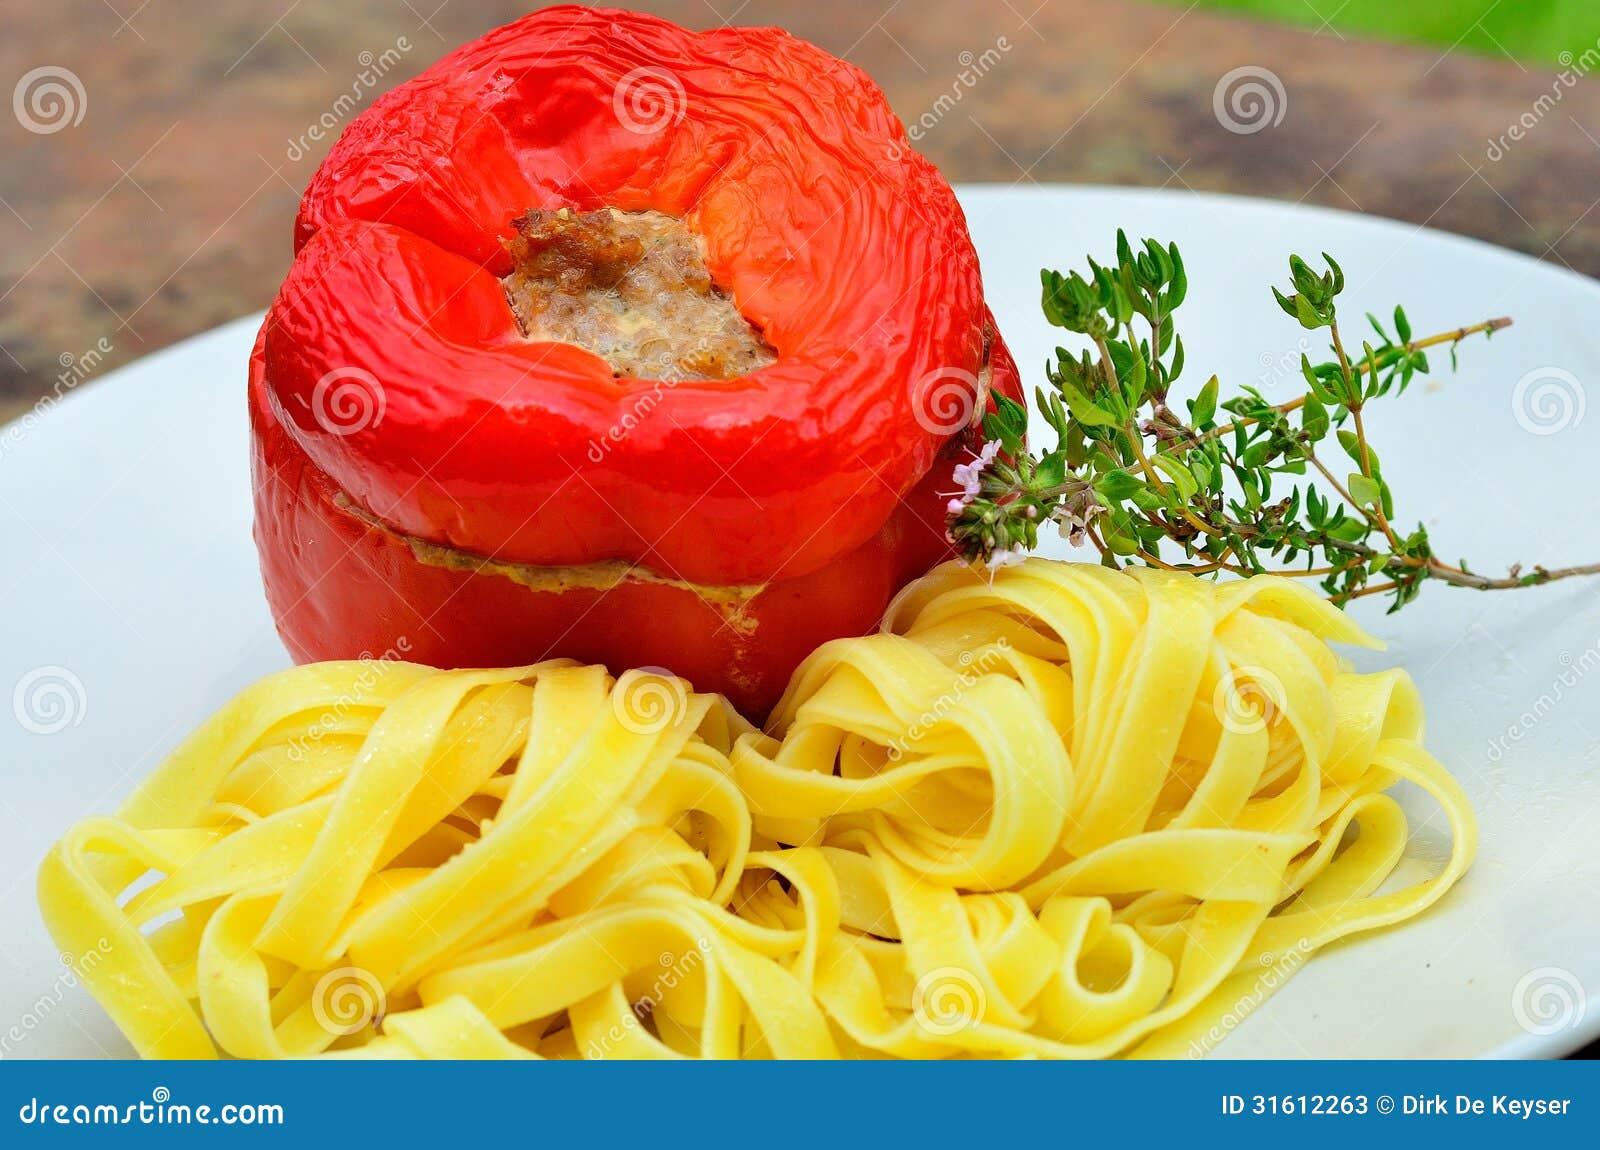 Stuffed red peppers tri colori